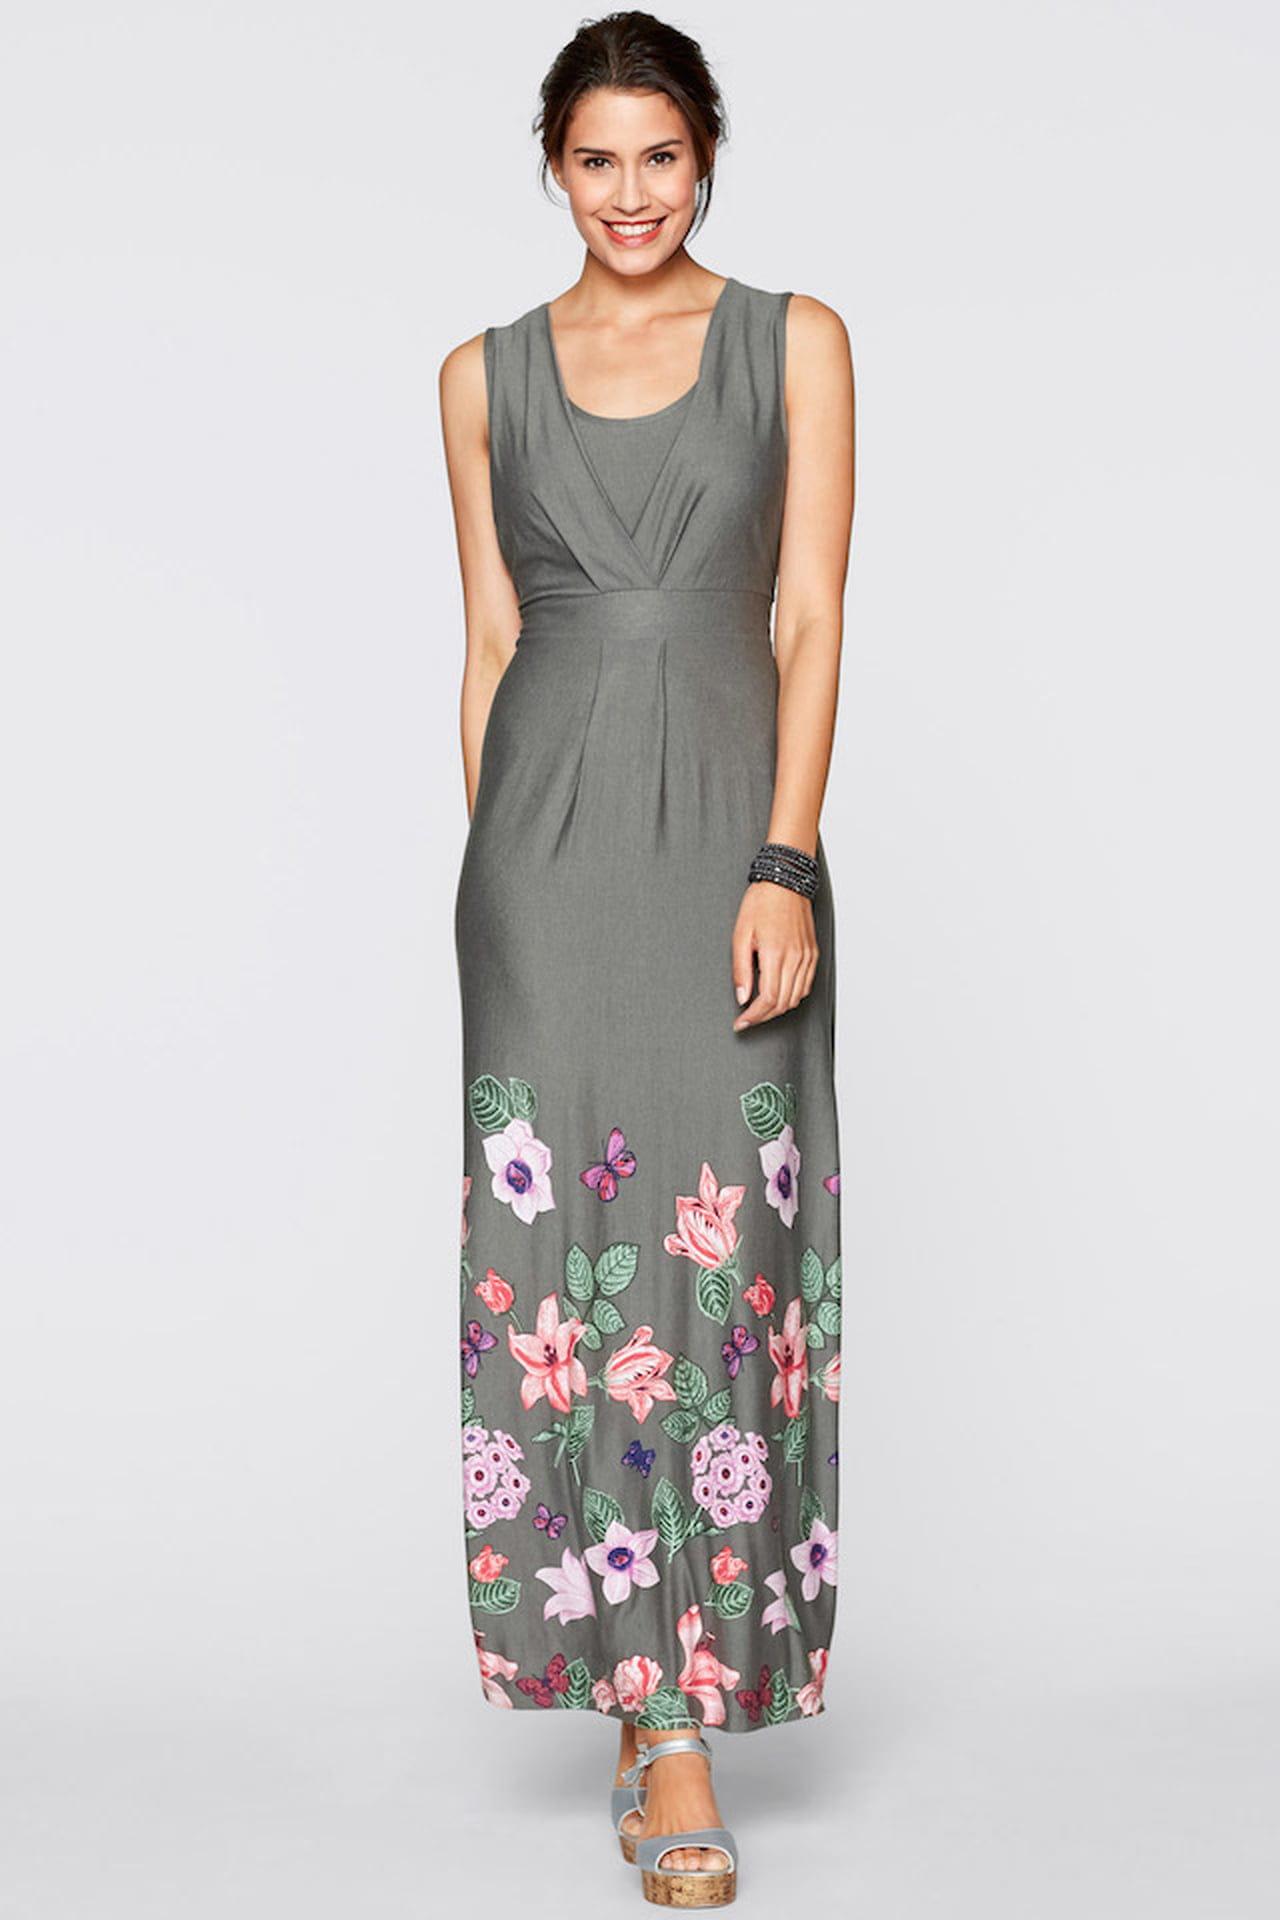 new styles 272c0 9e65e Vestiti a fiori: proposte trendy